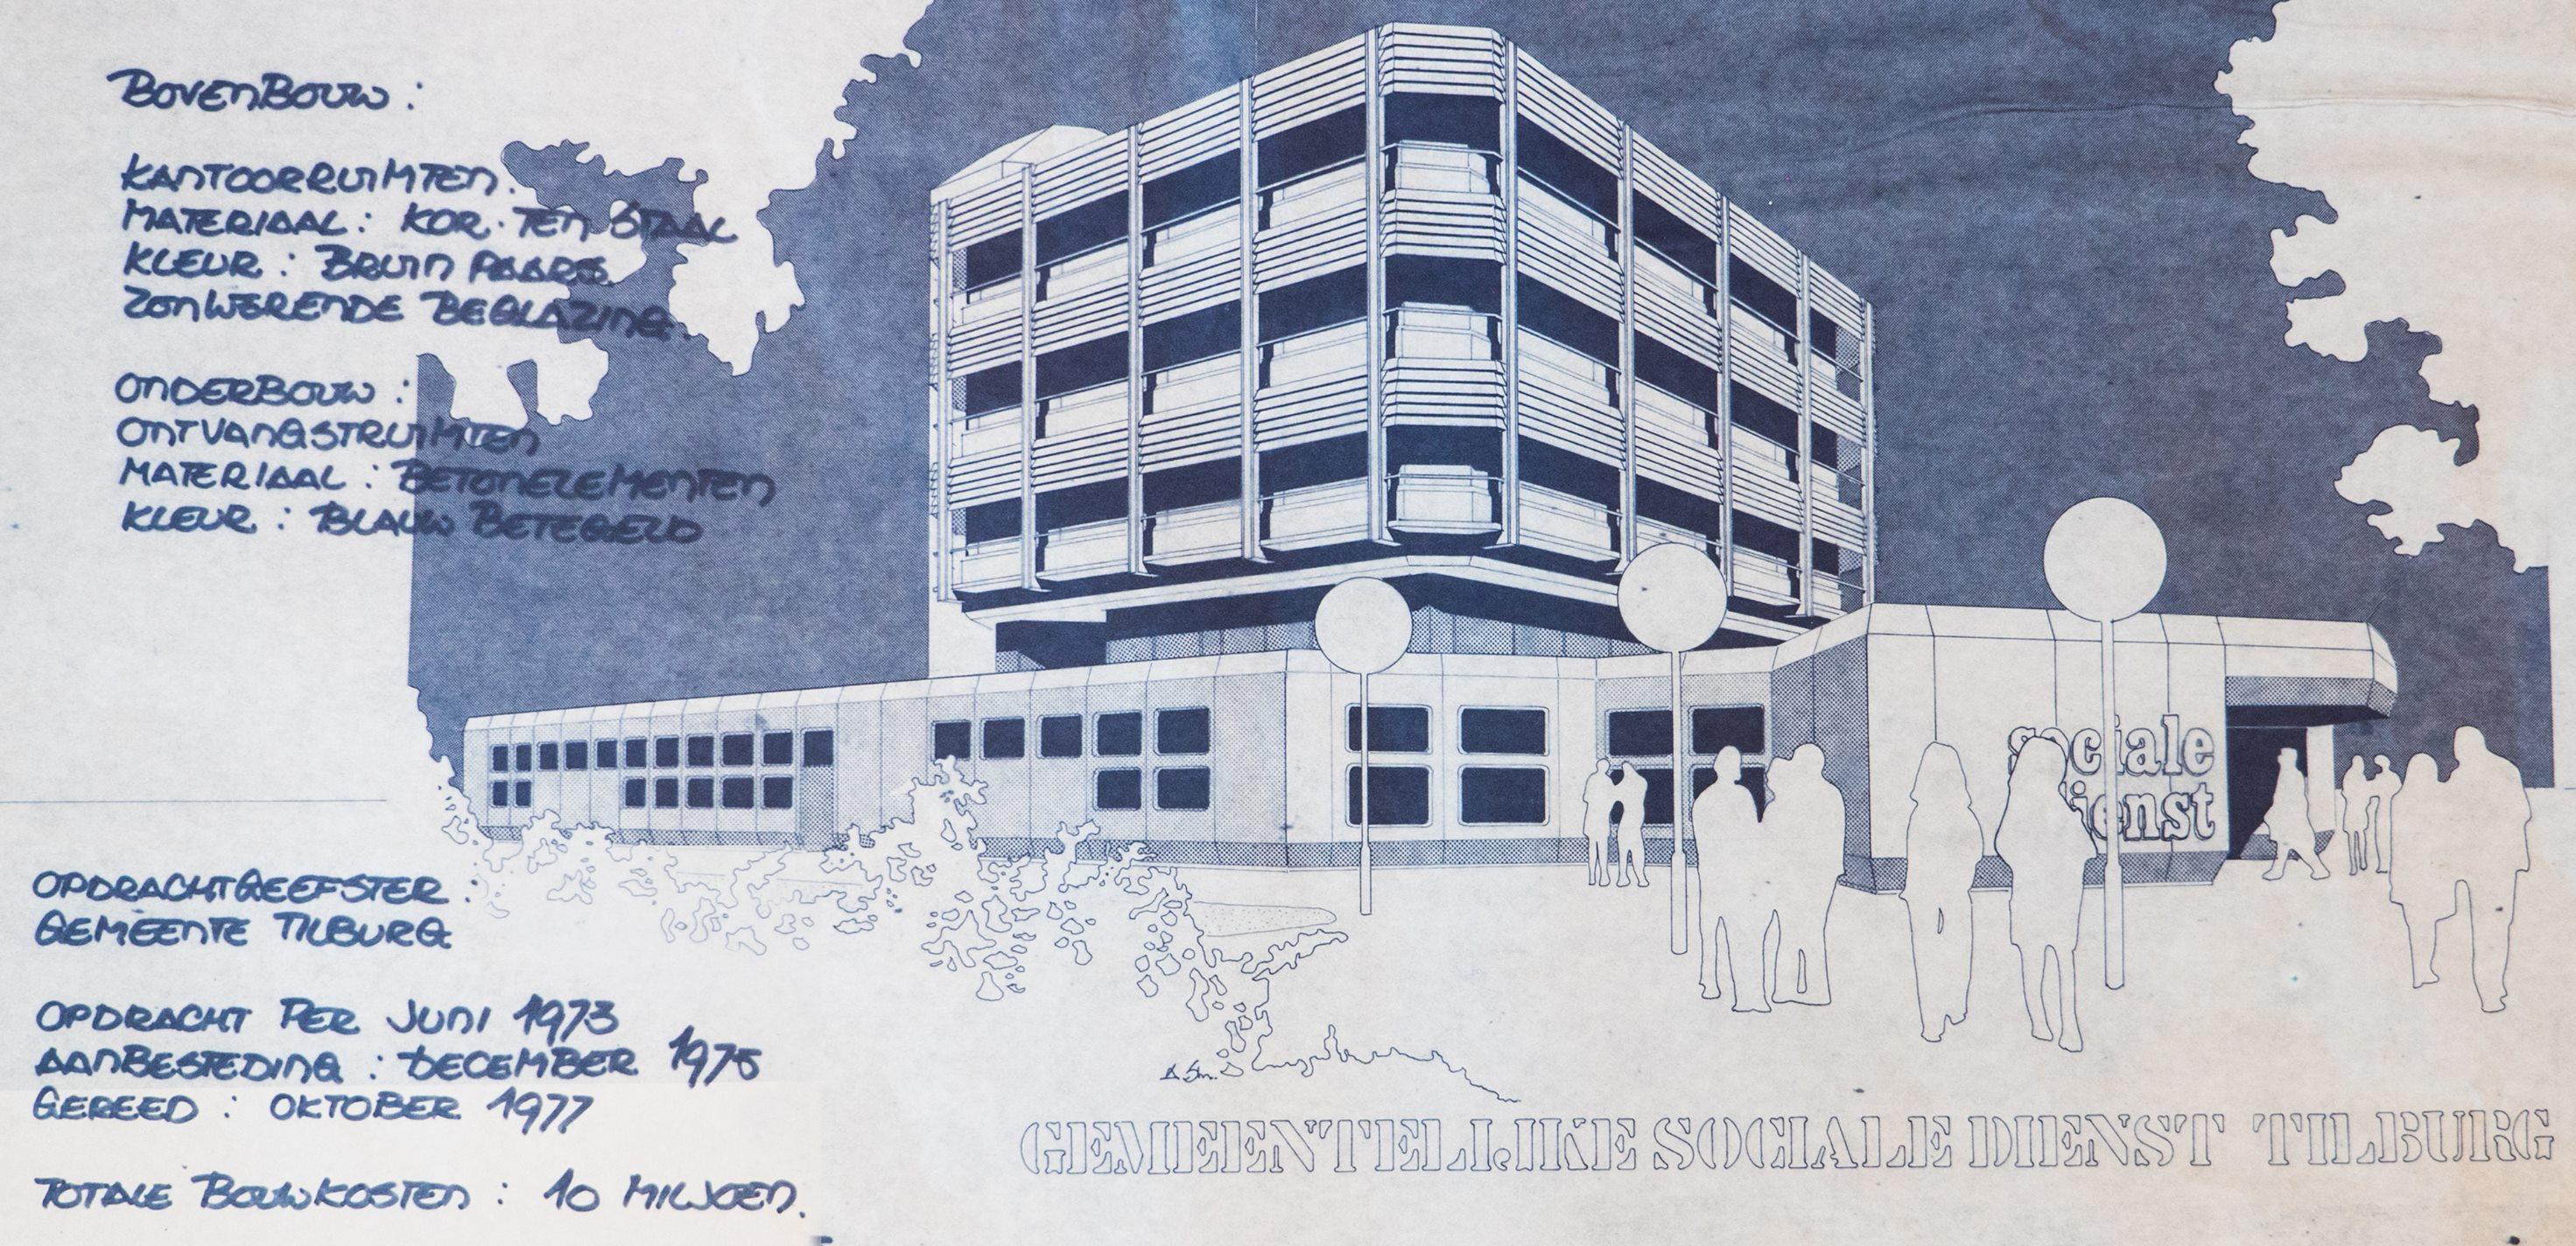 Coverblad oorspronkelijke bouwplan